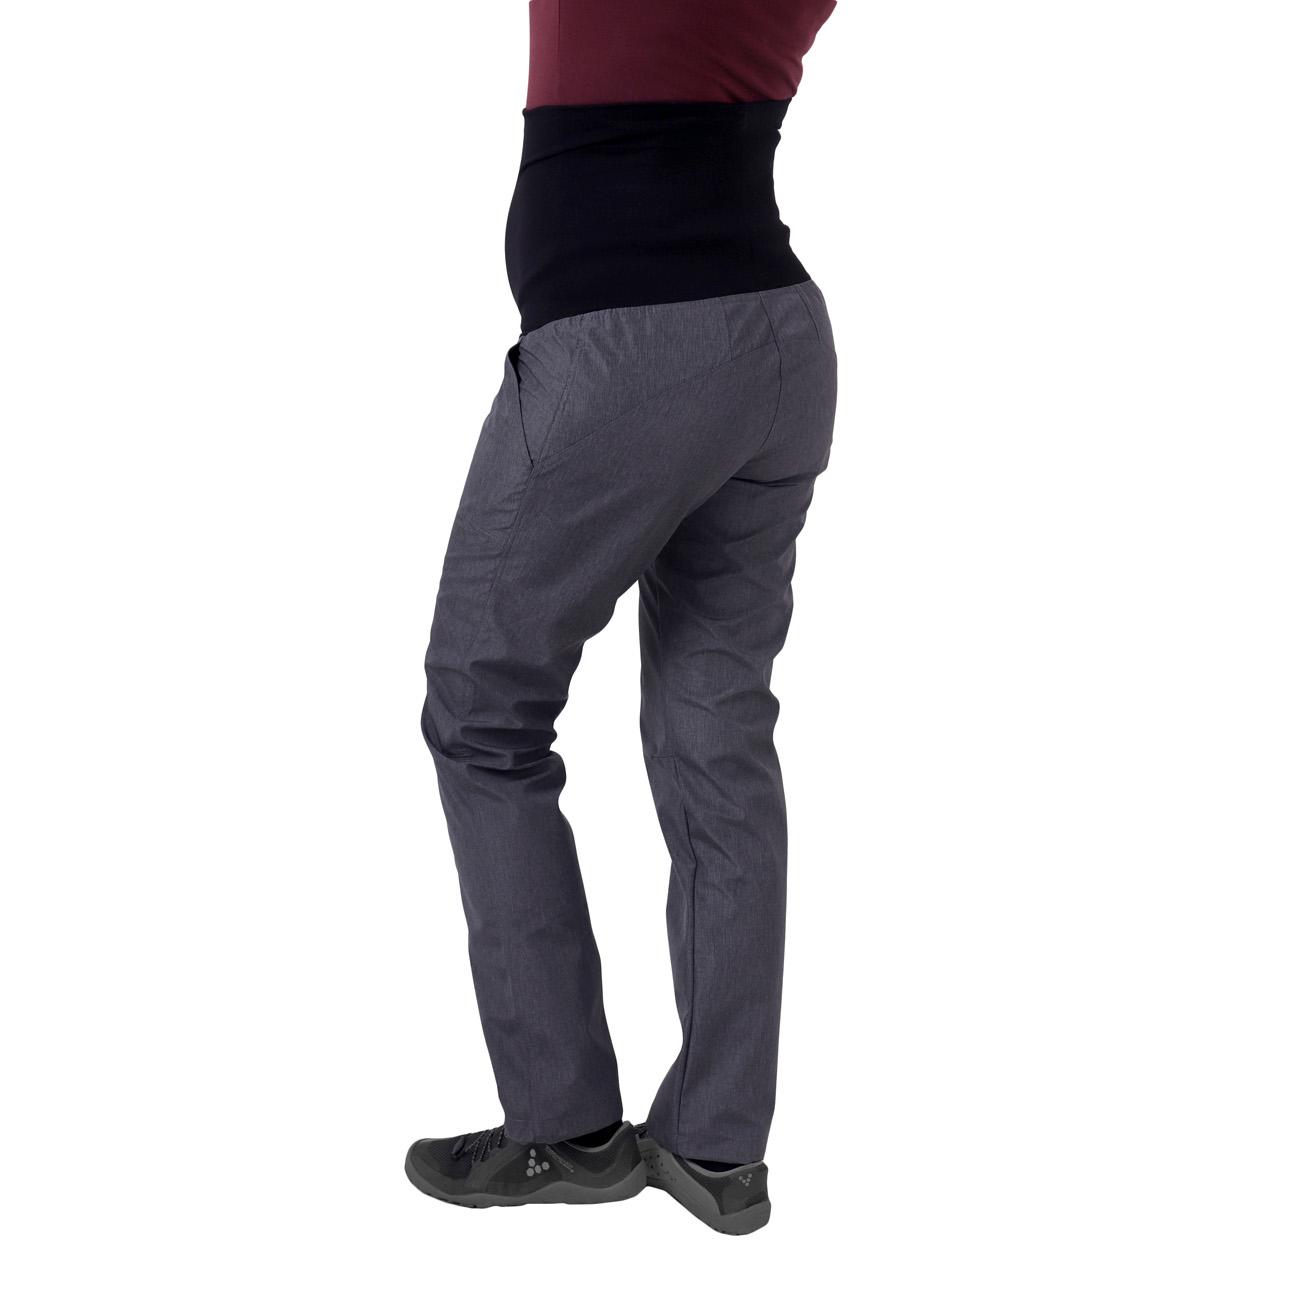 Jarní/letní těhotenské softshellové kalhoty liva, šedý melír, 38 zkrácená délka